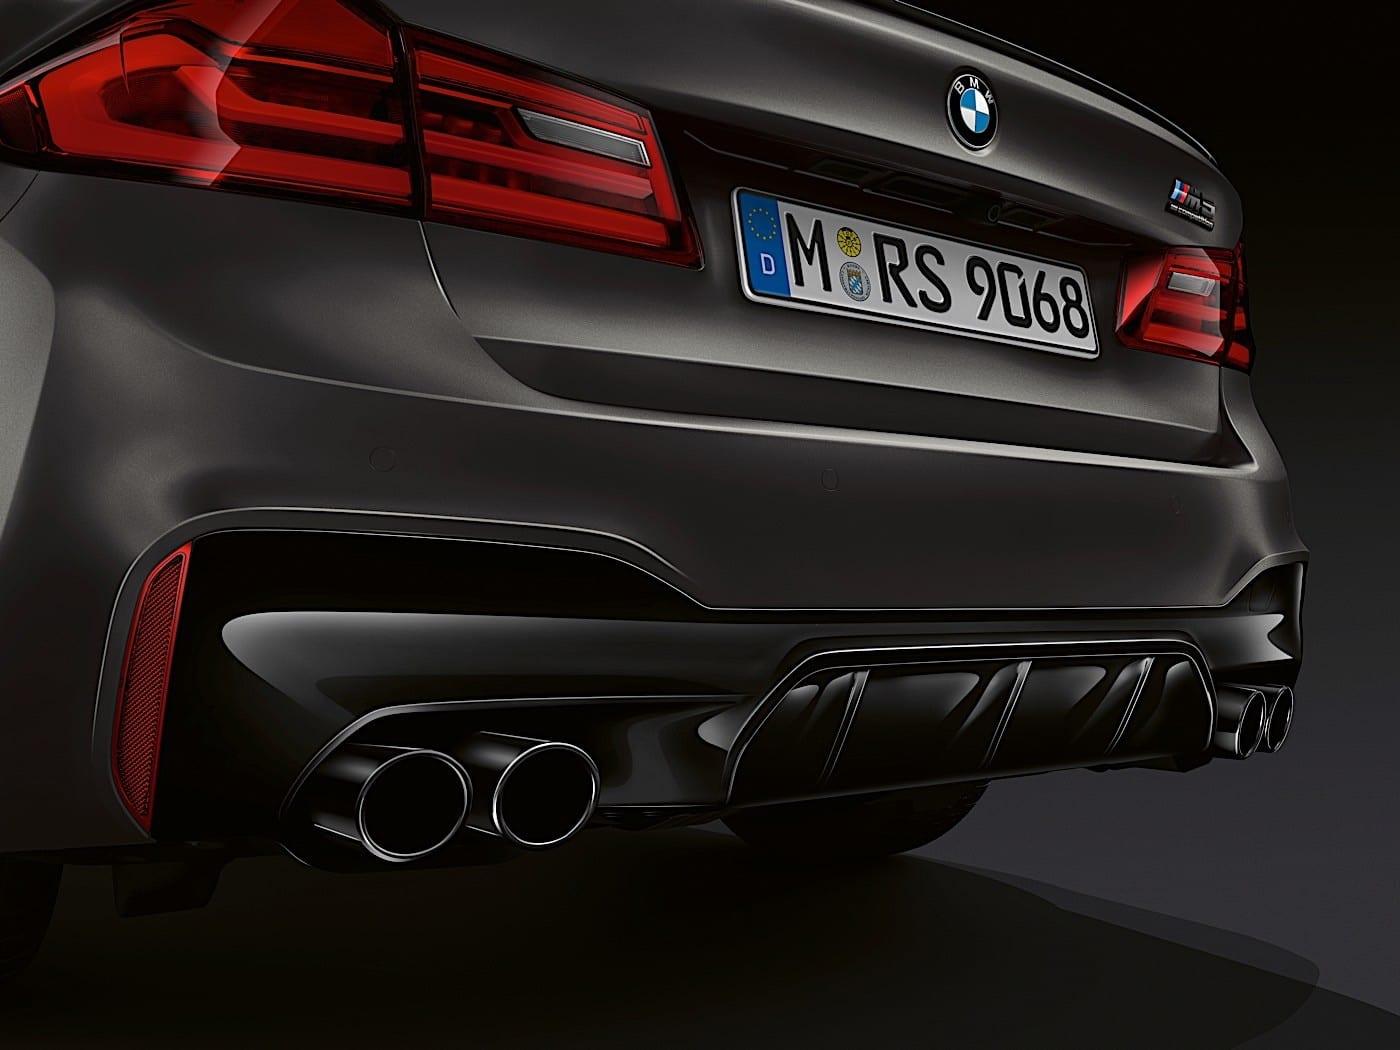 2020 BMW M5 Edition 35 Jahre